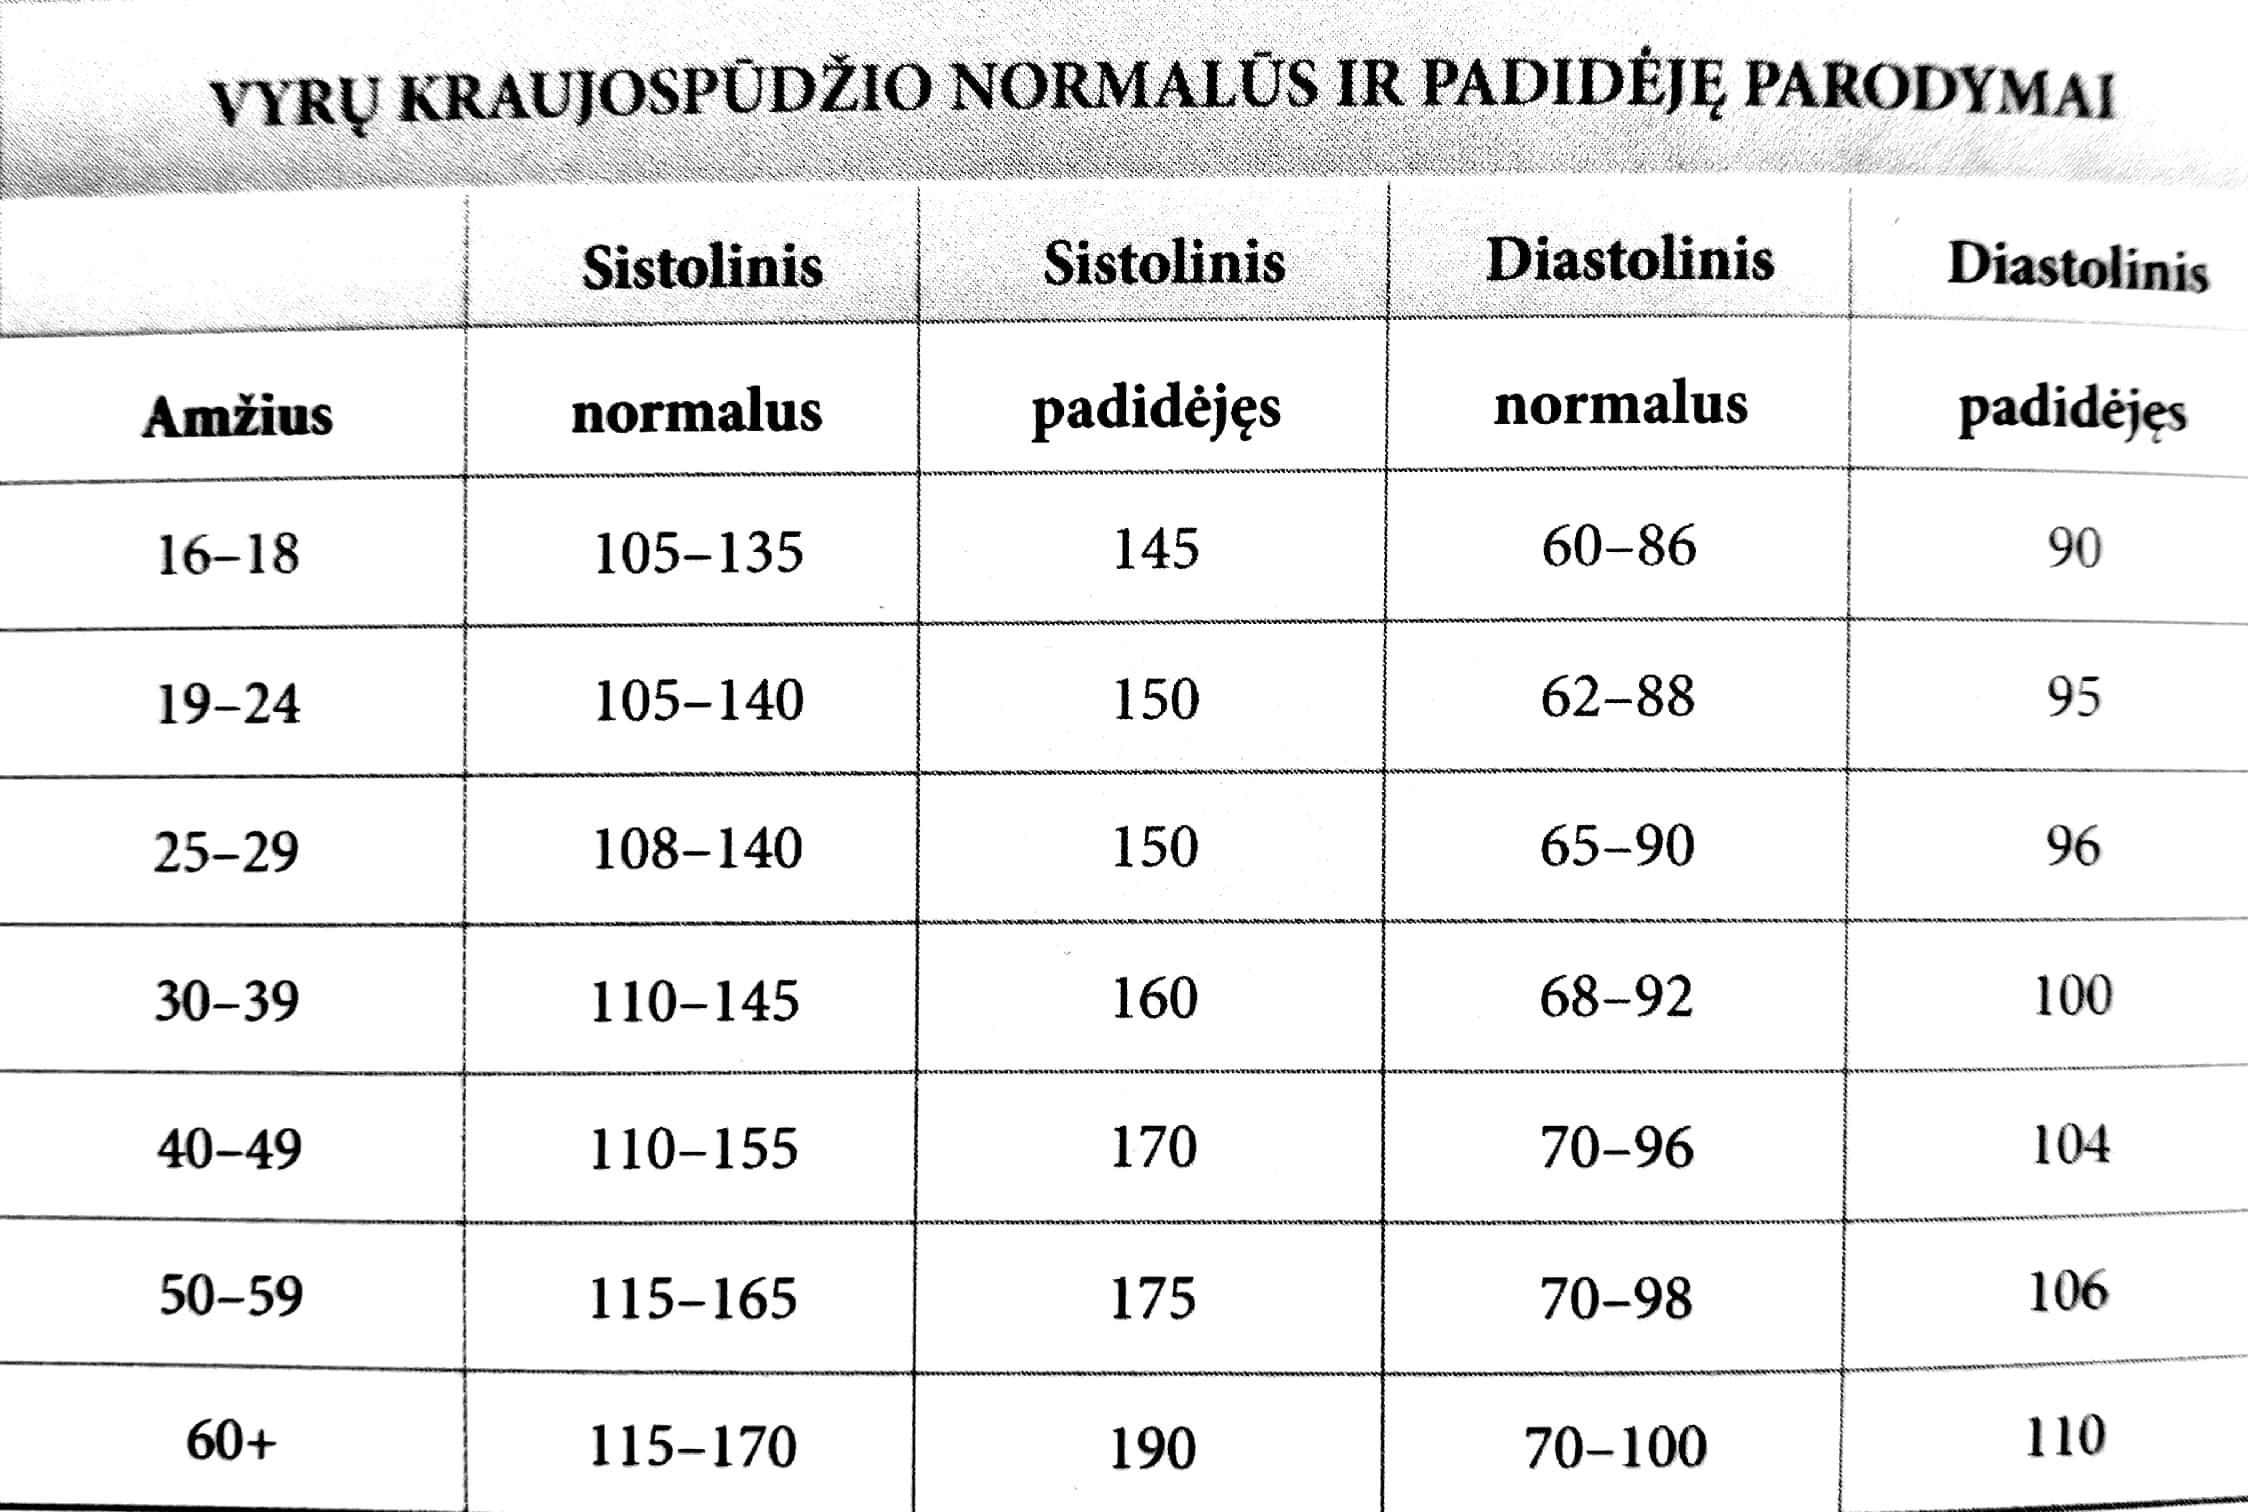 receptas gaminant sbitn nuo hipertenzijos namuose hipertenzijos kraujagyslių būklės laipsnis